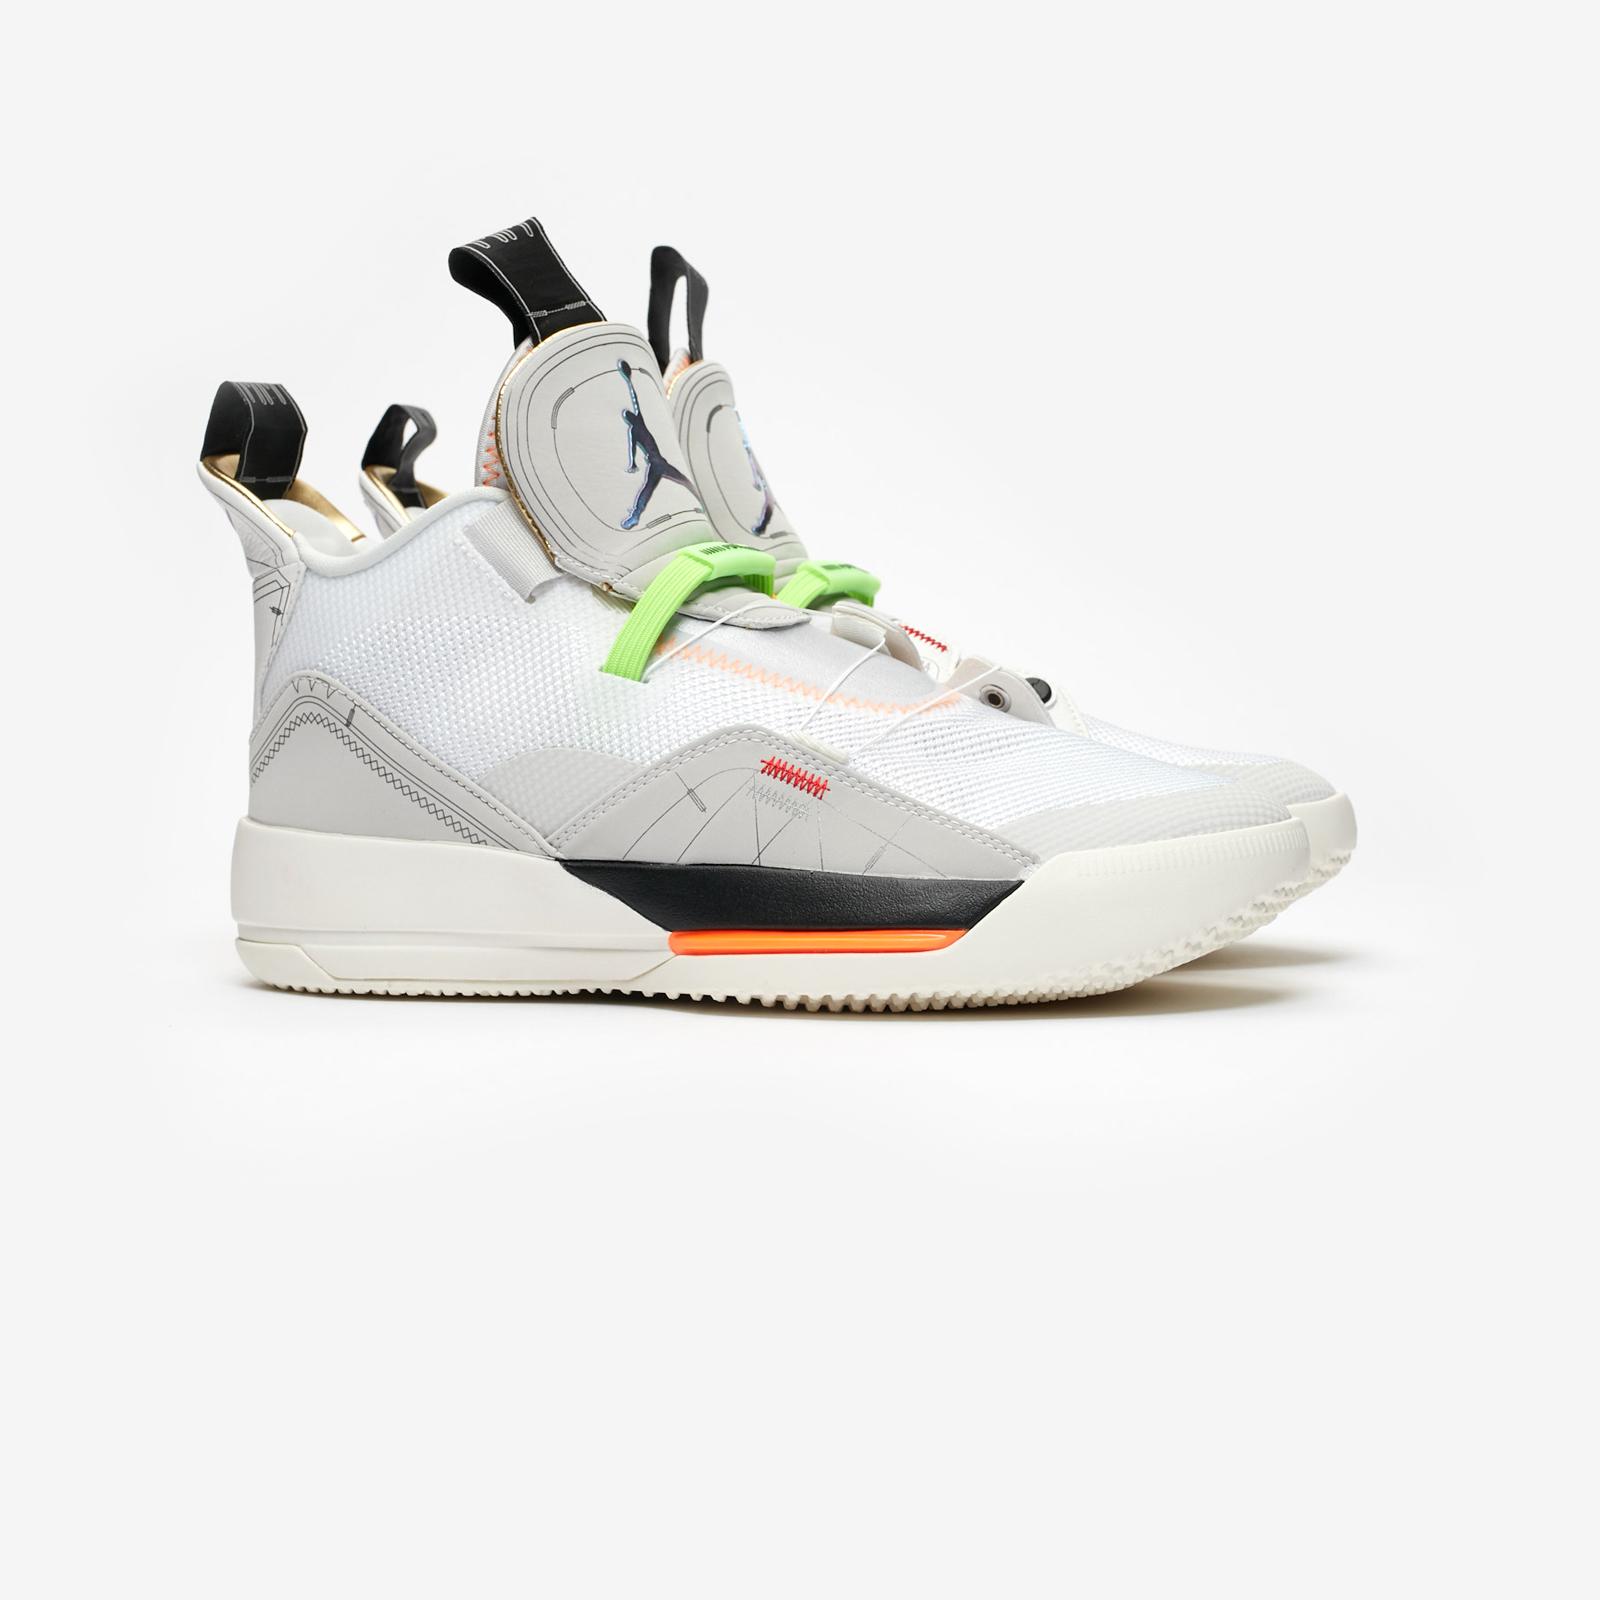 b3c409443a542 Jordan Brand Air Jordan XXXIII - Aq8830-004 - Sneakersnstuff ...